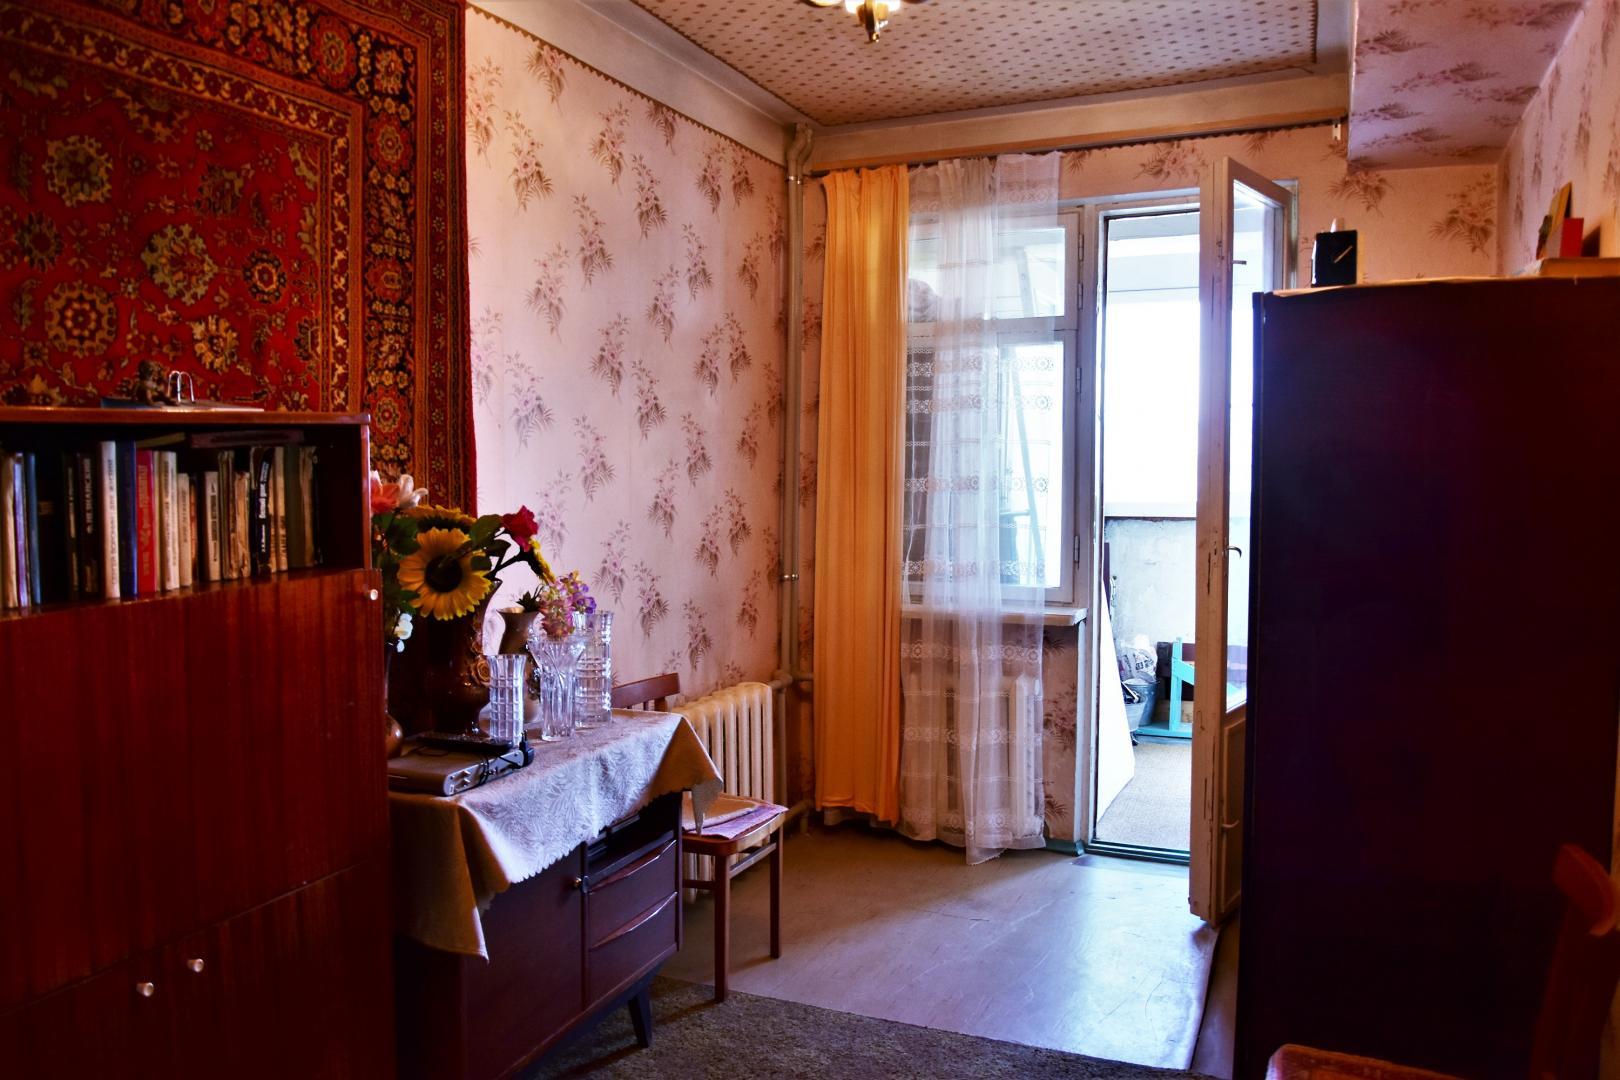 Продам 3-комн. квартиру по адресу Россия, Ставропольский край, городской округ Ессентуки, Ессентуки, Вокзальная улица, 31А фото 3 по выгодной цене